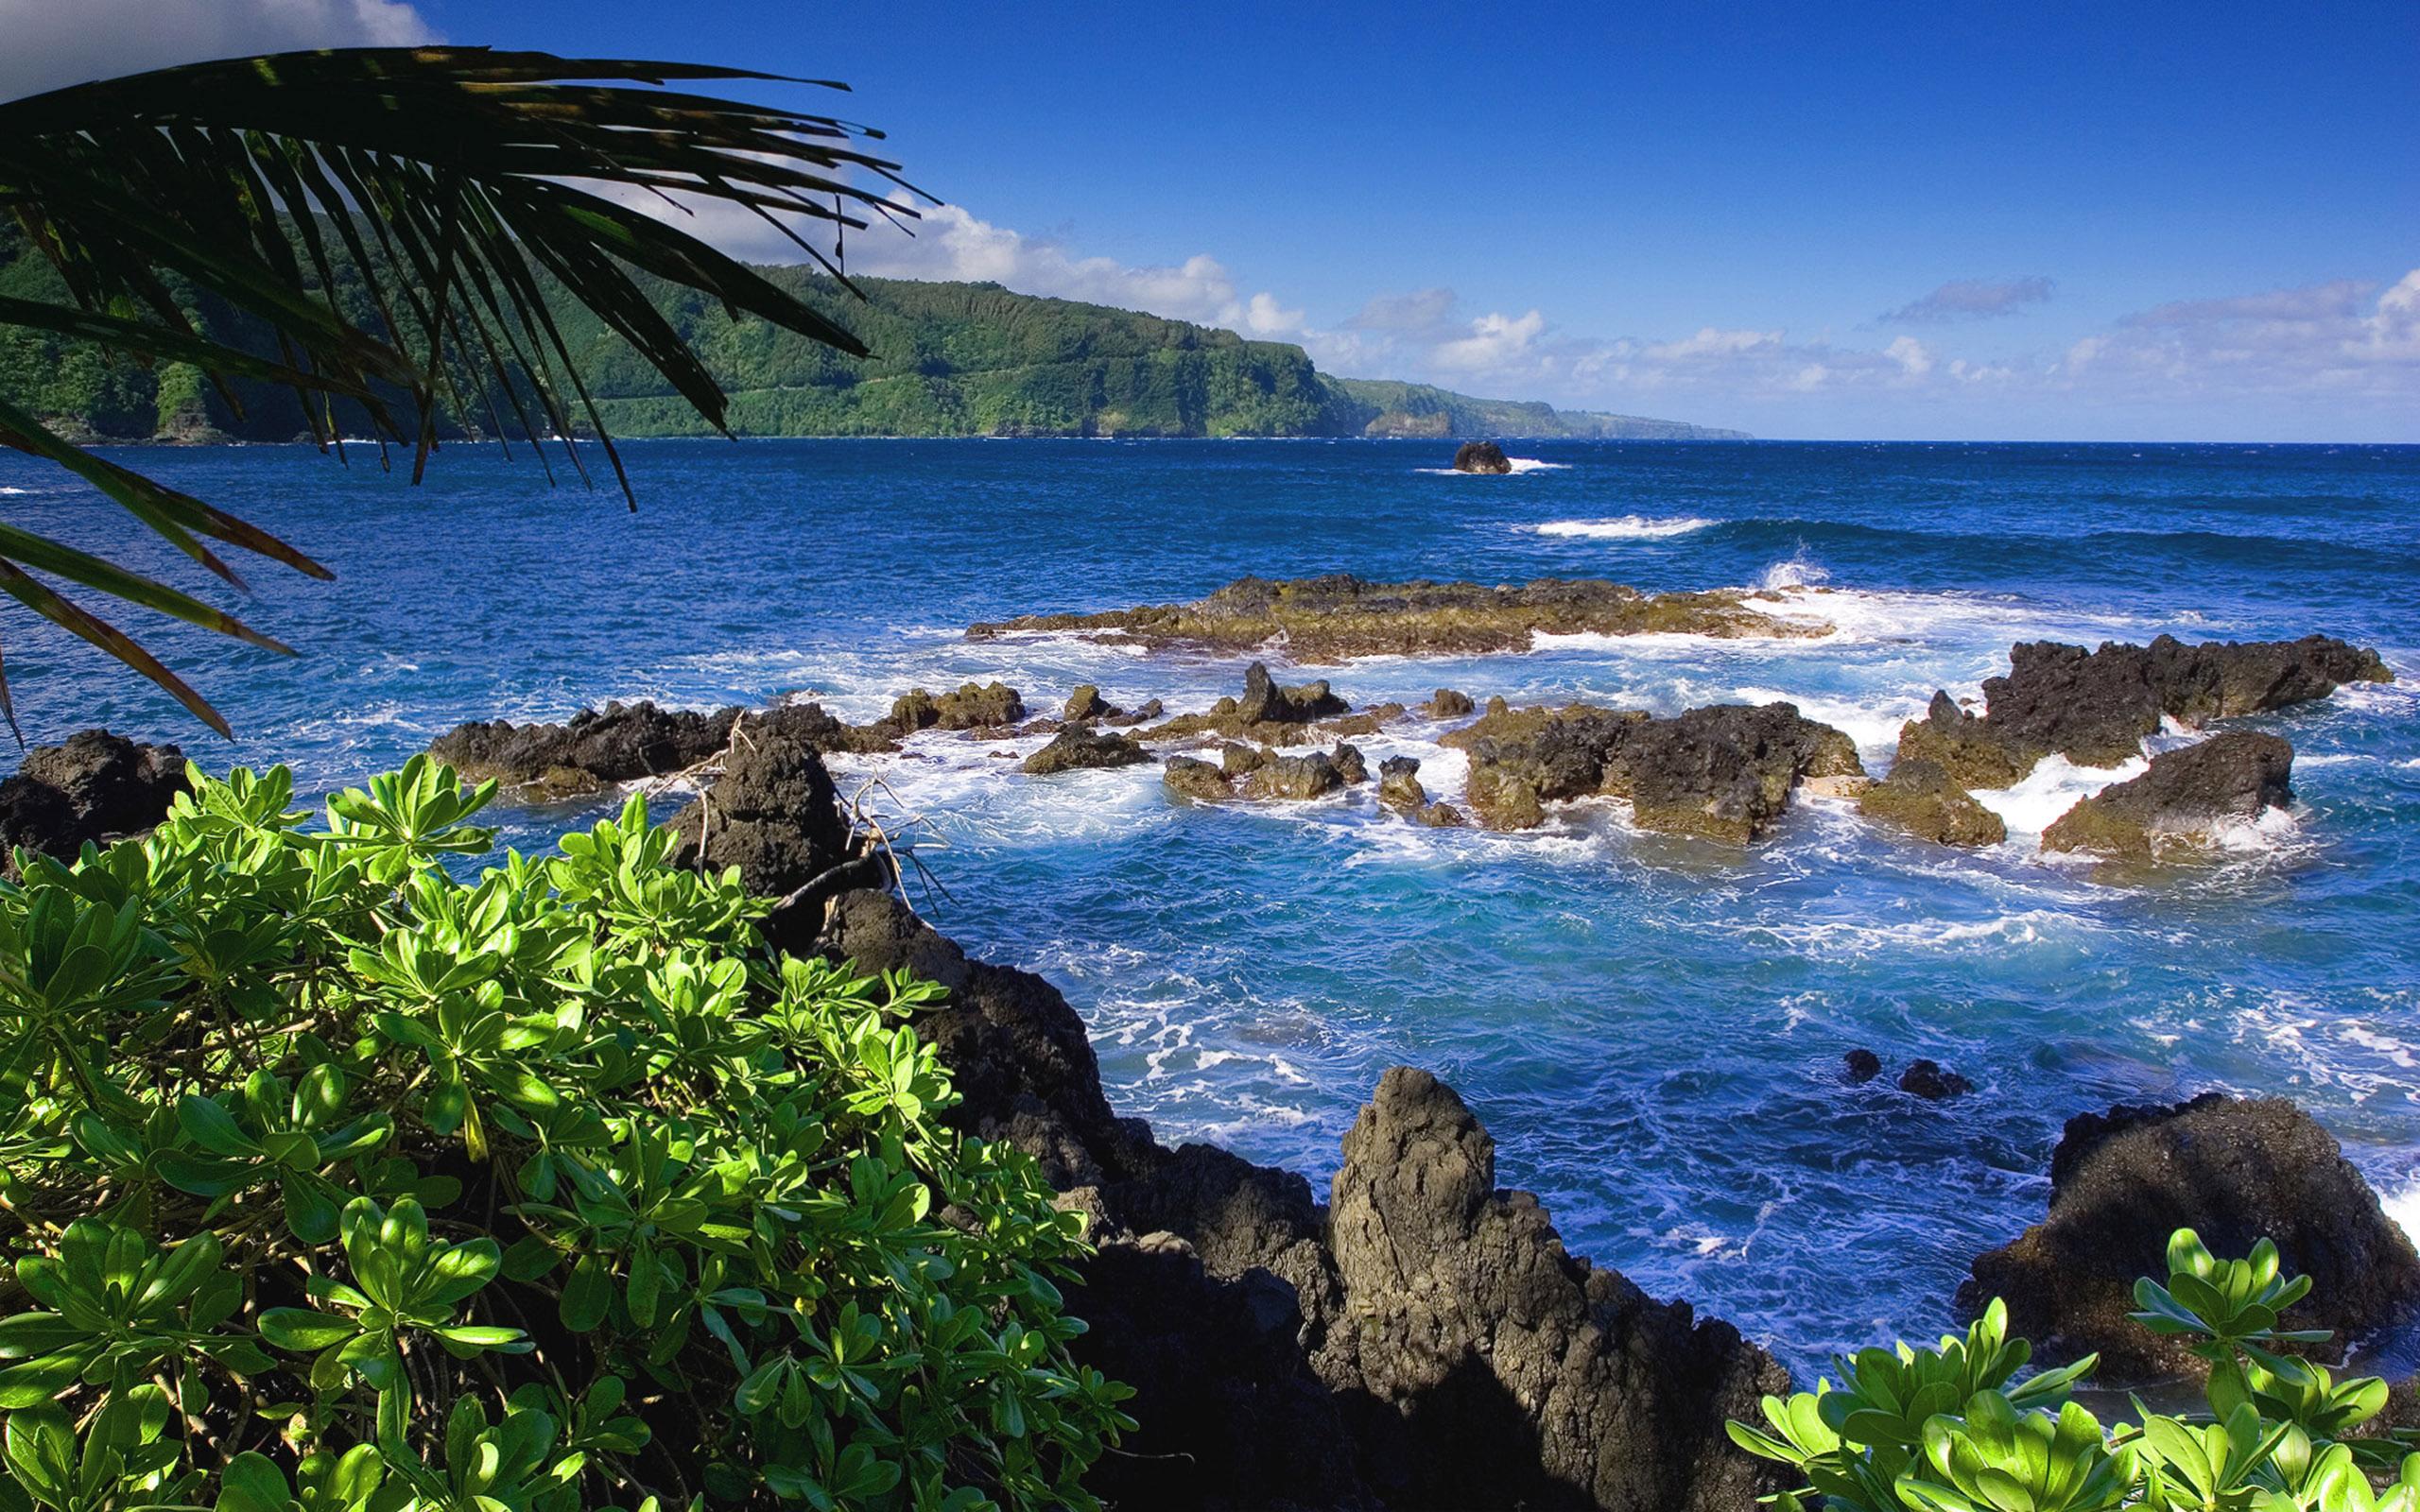 بالصور افضل 10 جزر سياحية في العالم 341 7